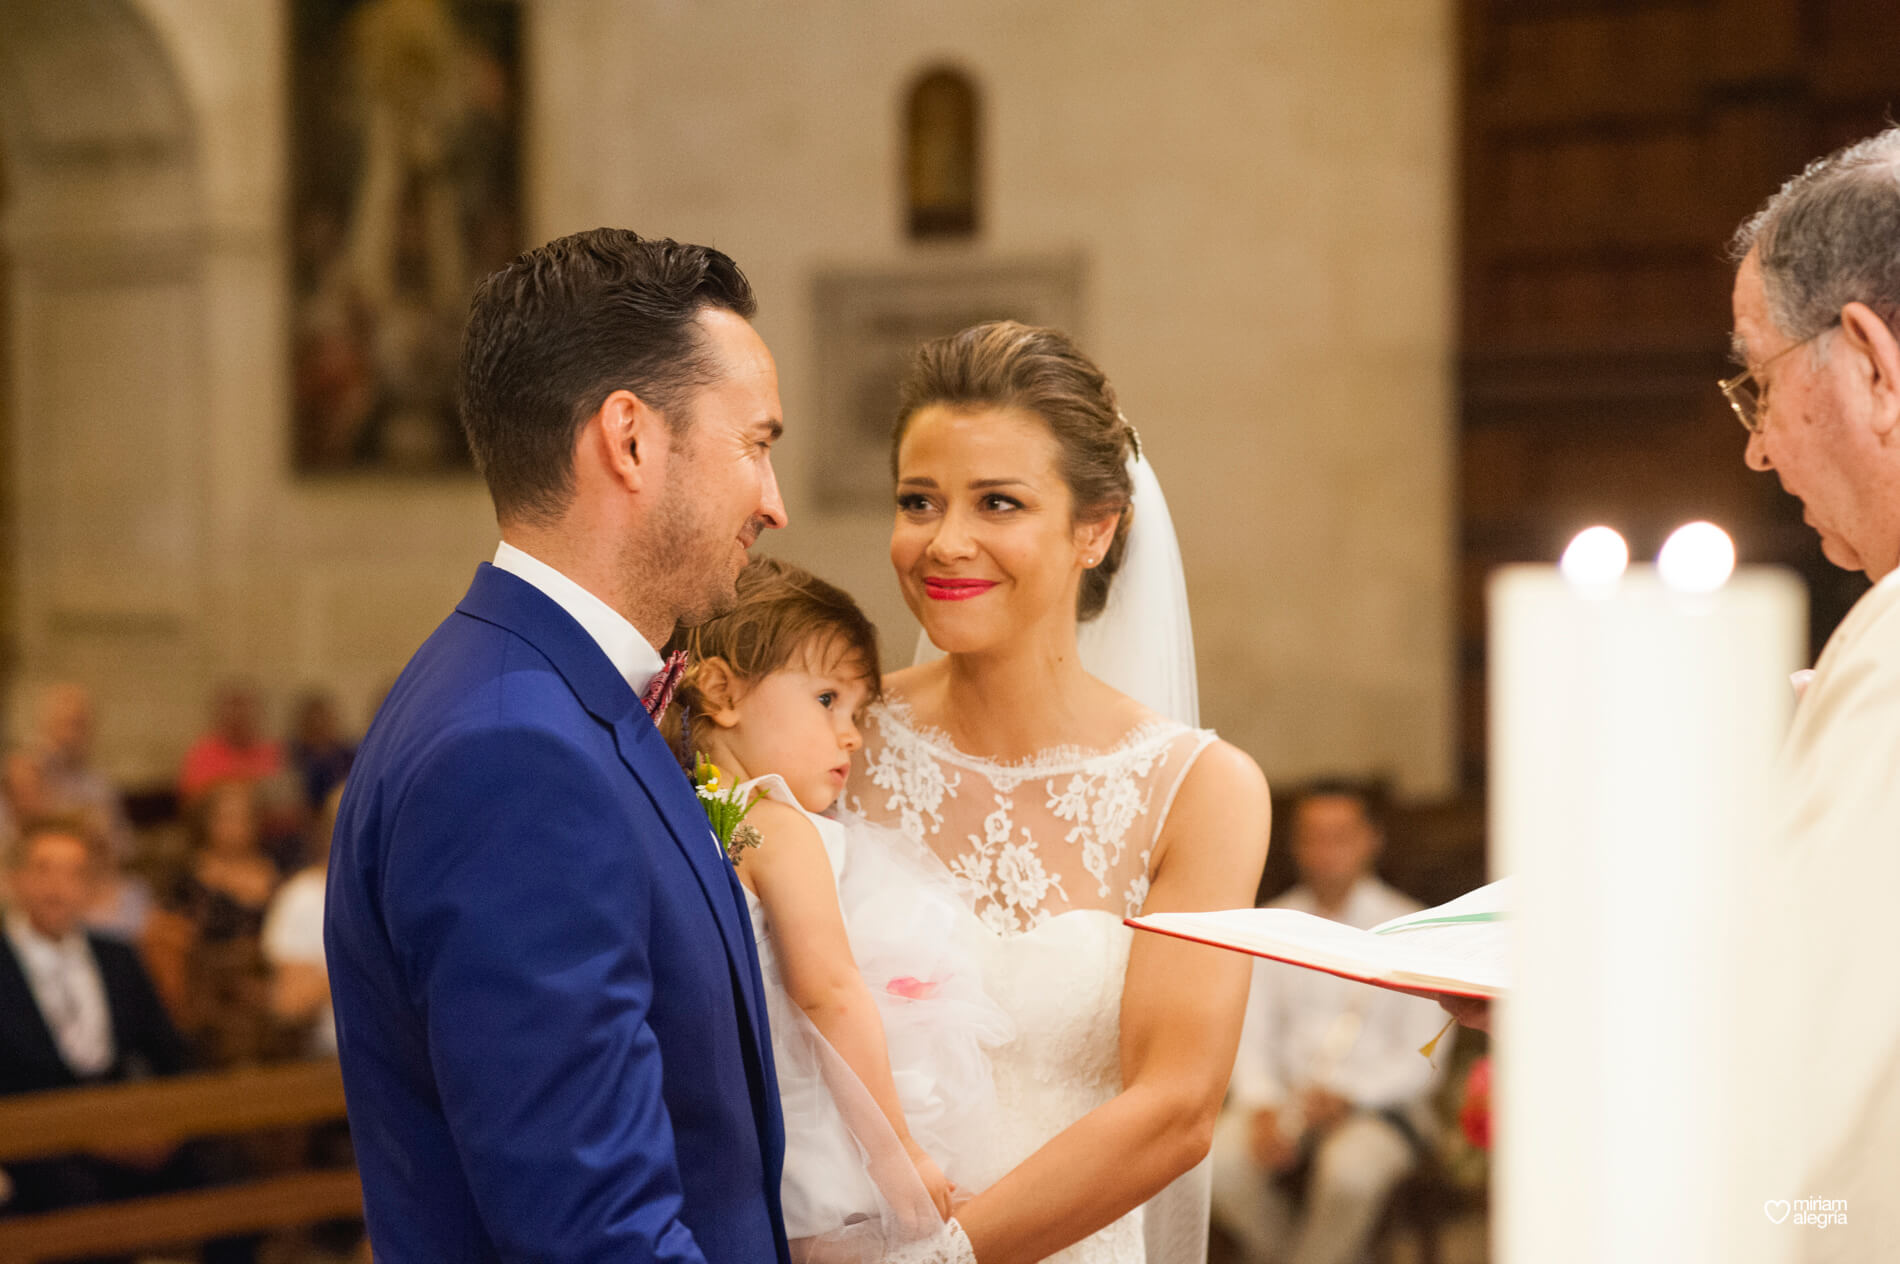 wedding-huerto-del-cura-elche-miriam-alegria-fotografos-boda-224